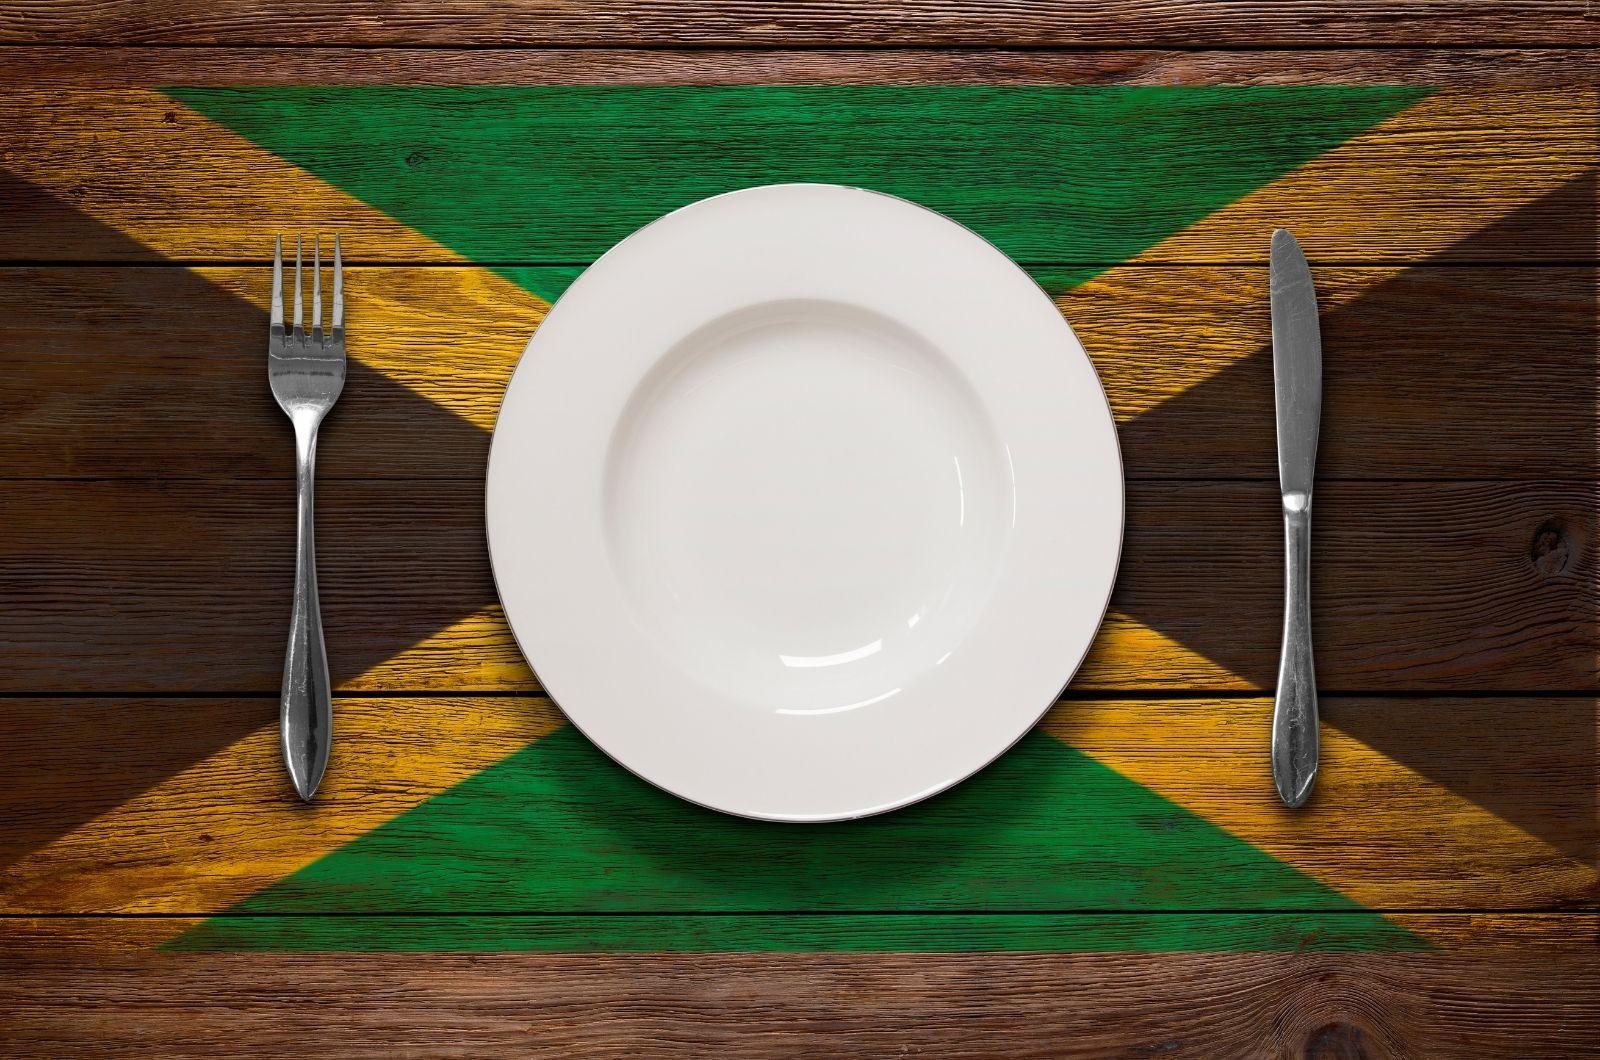 Jádlo na Jamajce